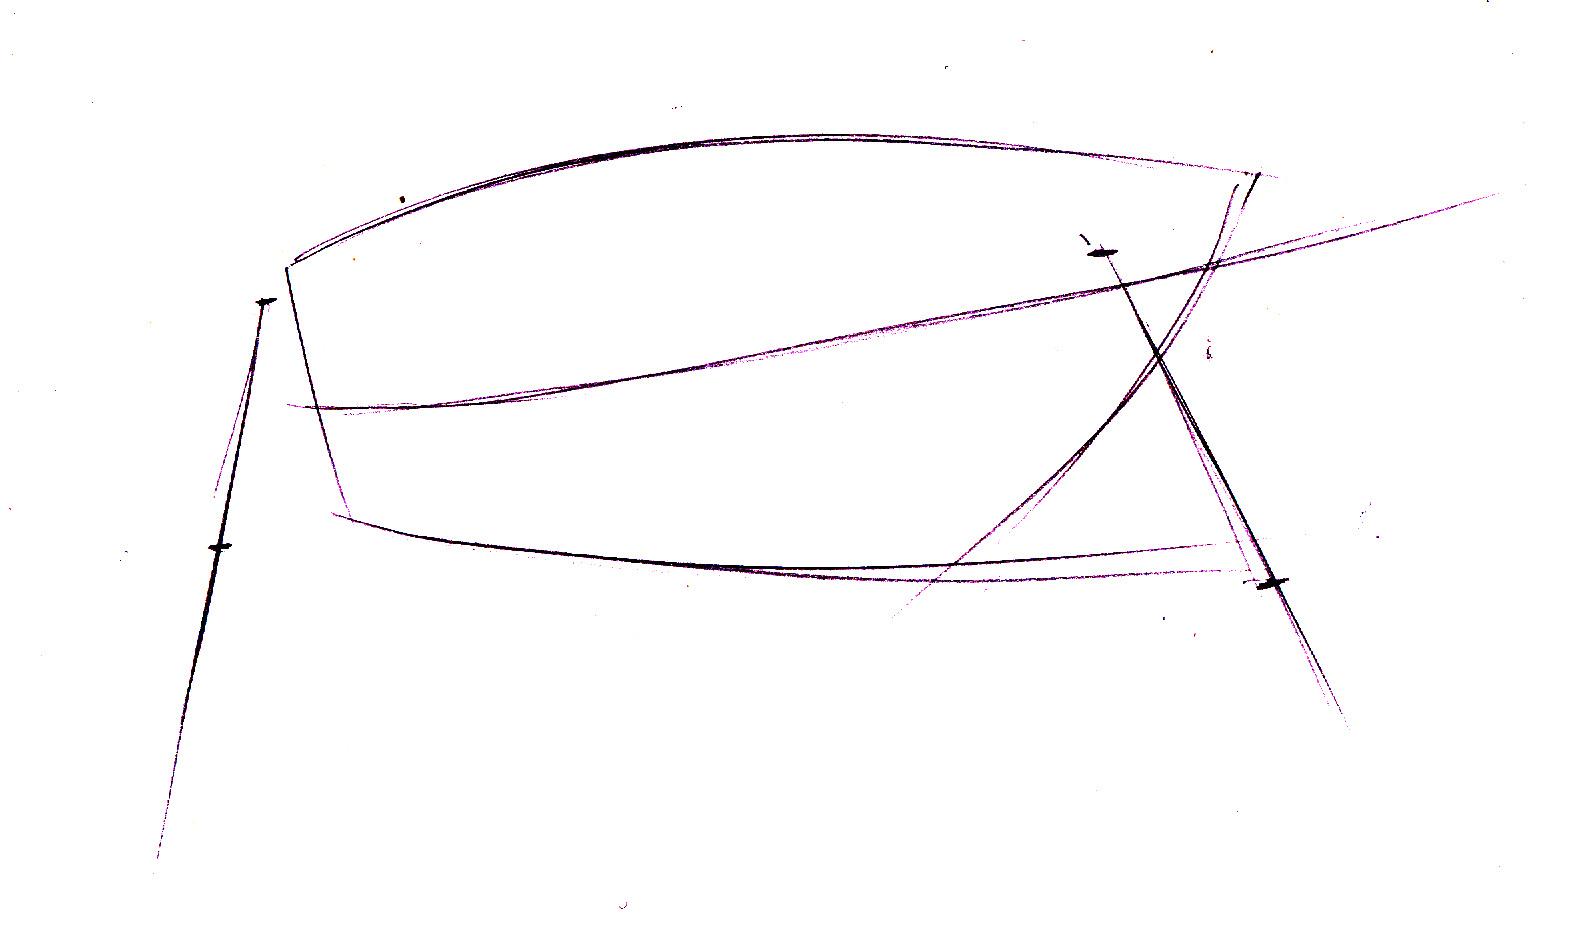 沙滩巡逻警车设计项目【设计手绘效果图】|工业/产品